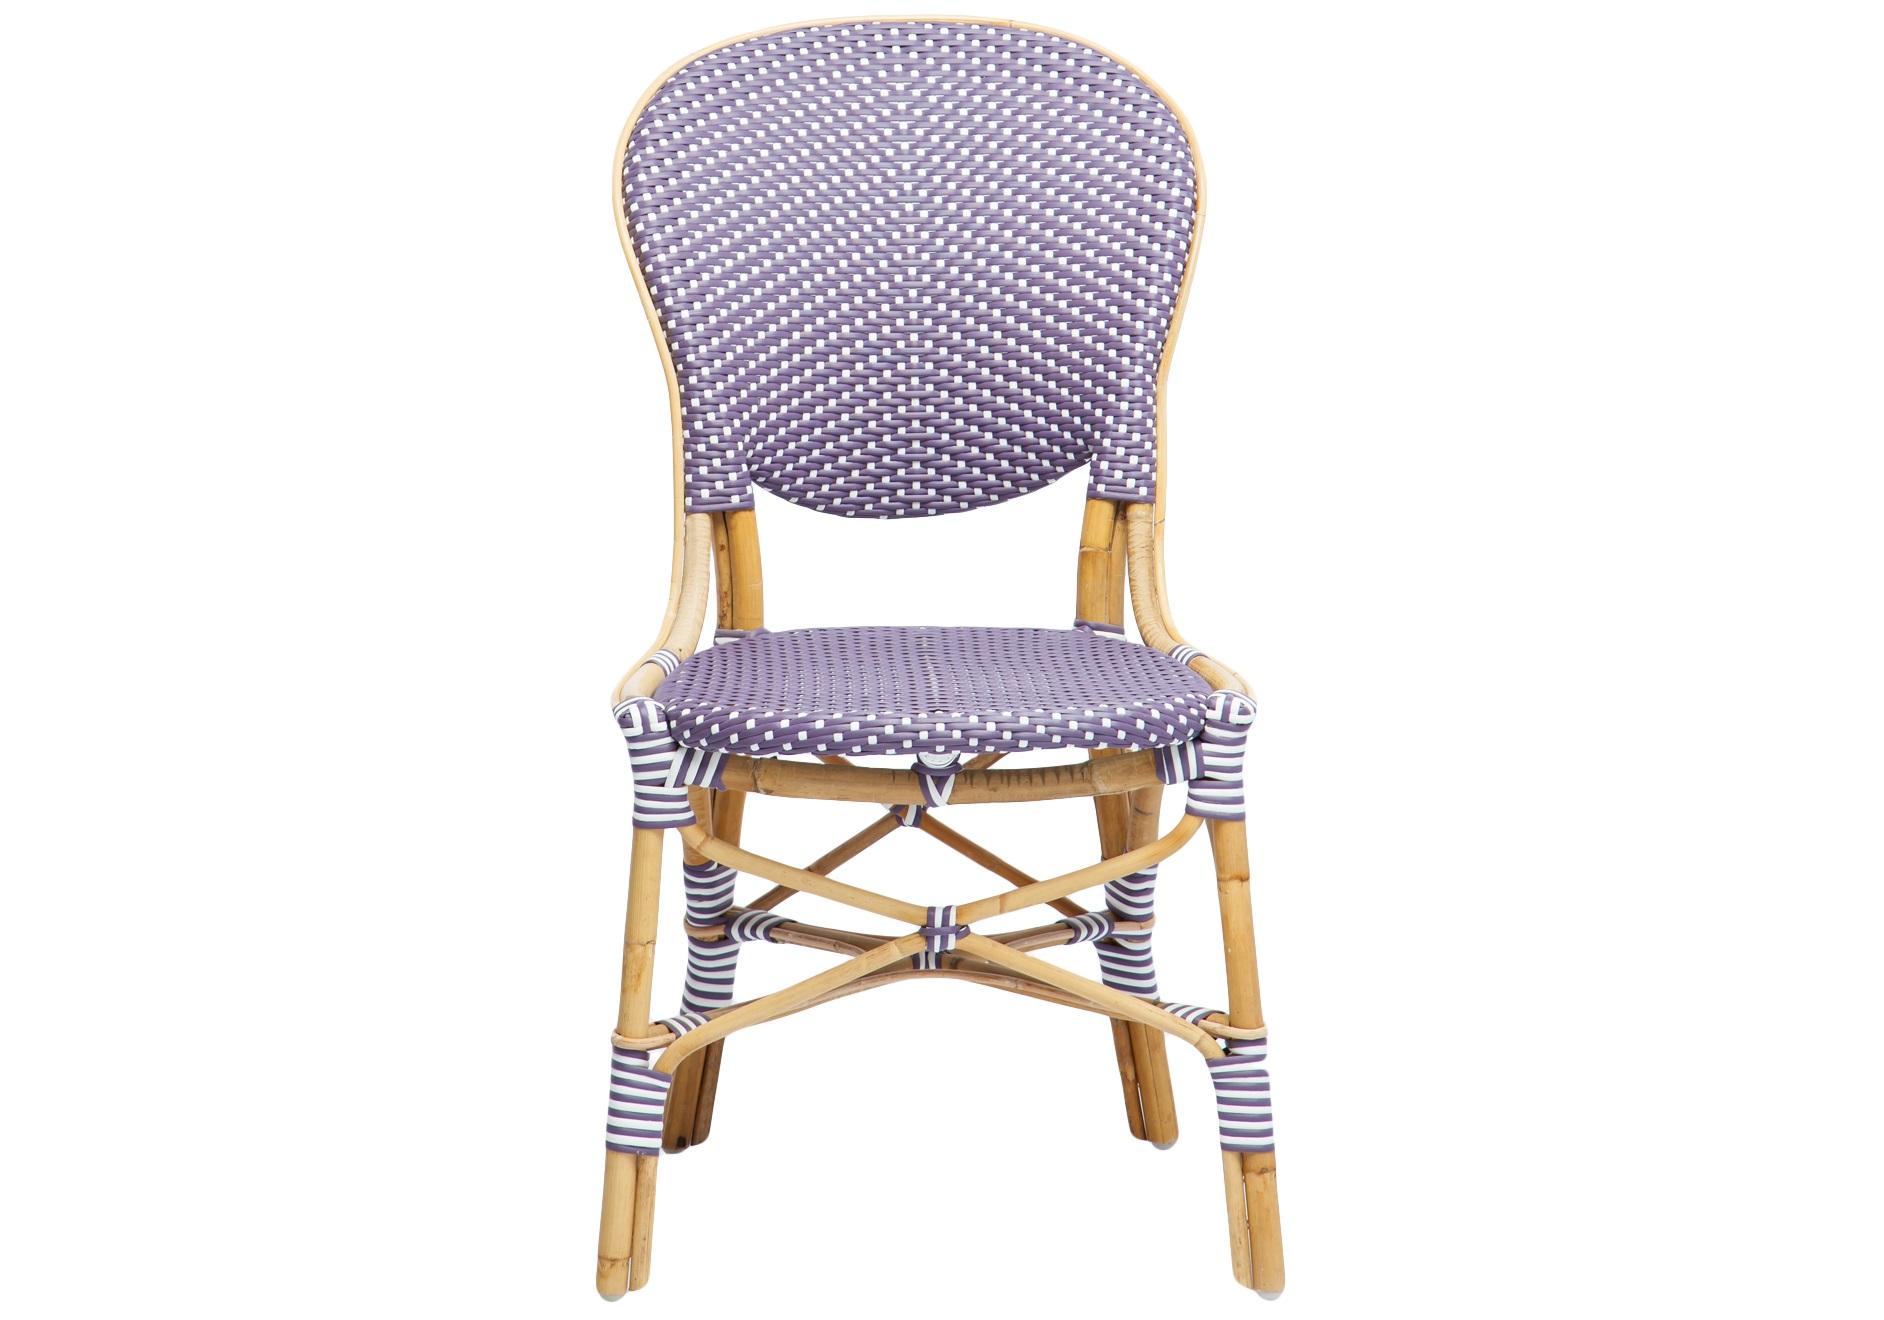 СтулСтулья для сада<br>Стул из ротанга, сиденье и спинка из прочного синтетического волокна. В коллекции также представлены стол из ротанга и плетеные полукресла.<br><br>Material: Ротанг<br>Width см: 59<br>Depth см: 48<br>Height см: 92